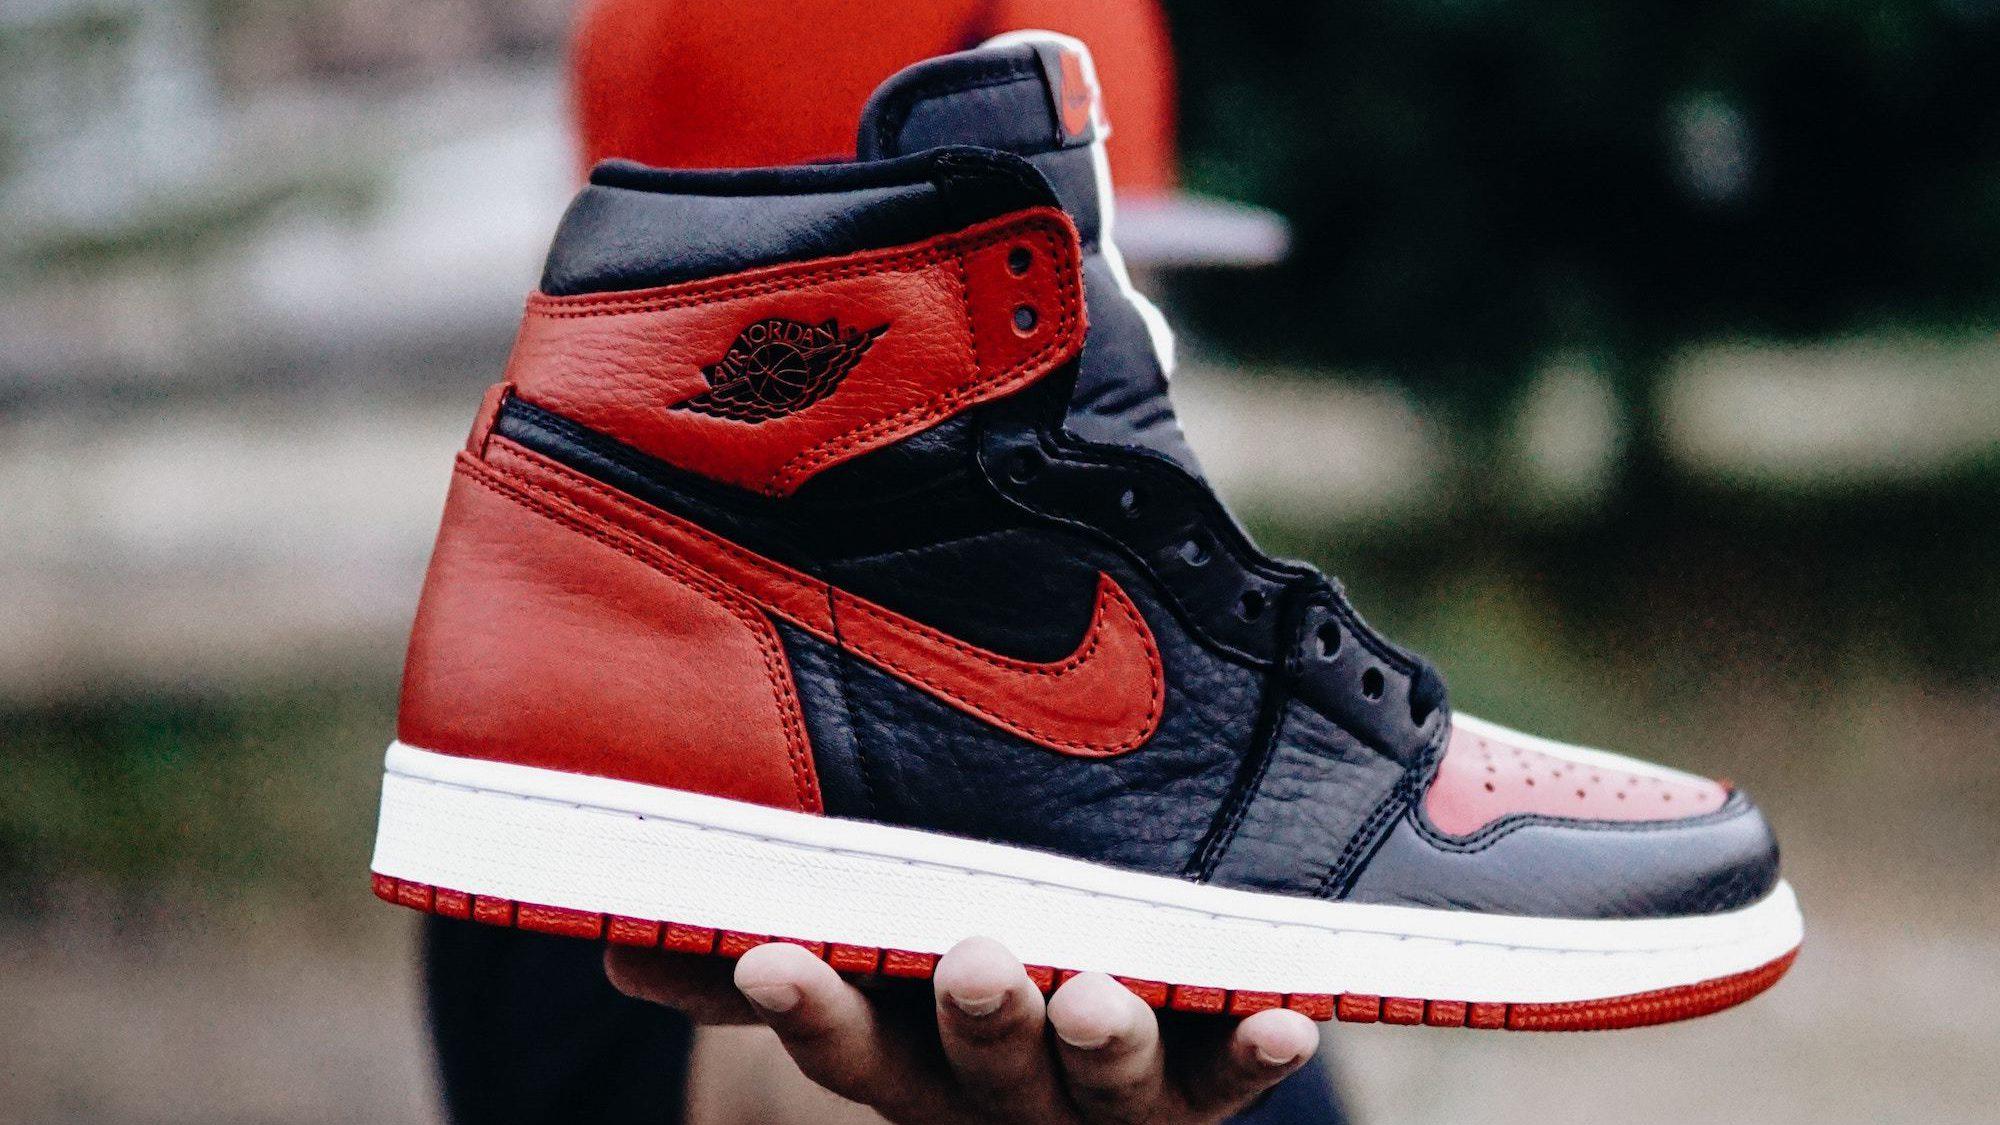 Sneakers & Footwear